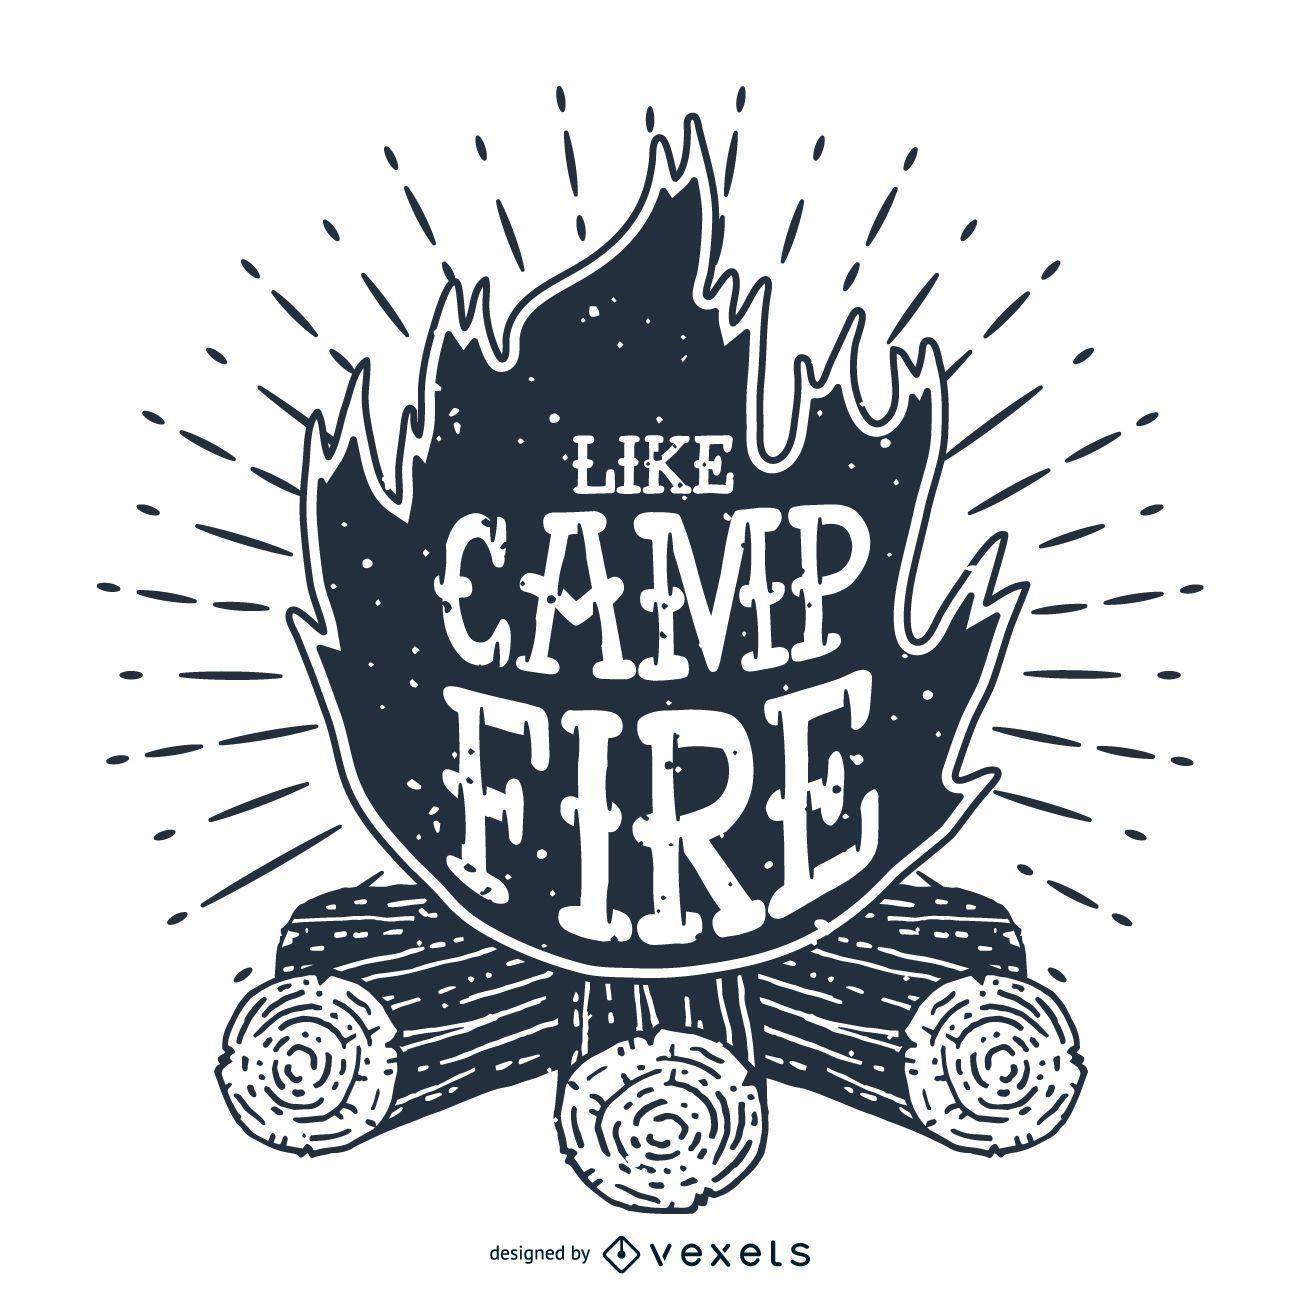 Etiqueta de ilustração da fogueira